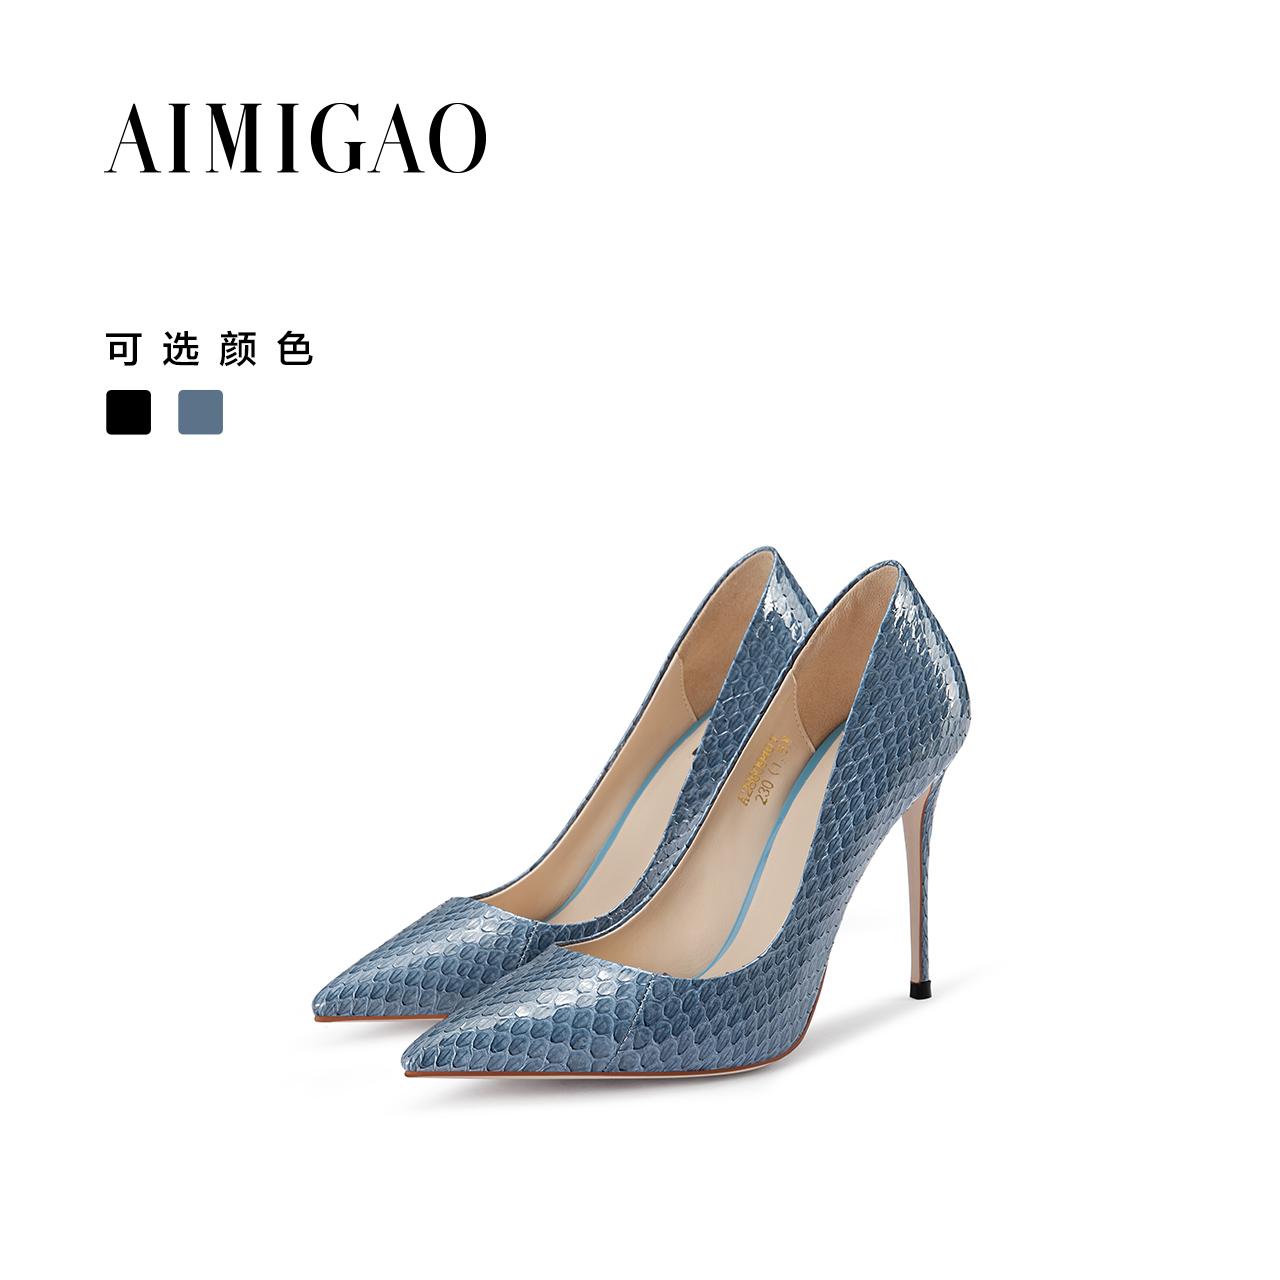 AIMIGAO爱米高2018春夏尖头浅口高跟鞋女细跟蛇皮气质单鞋女